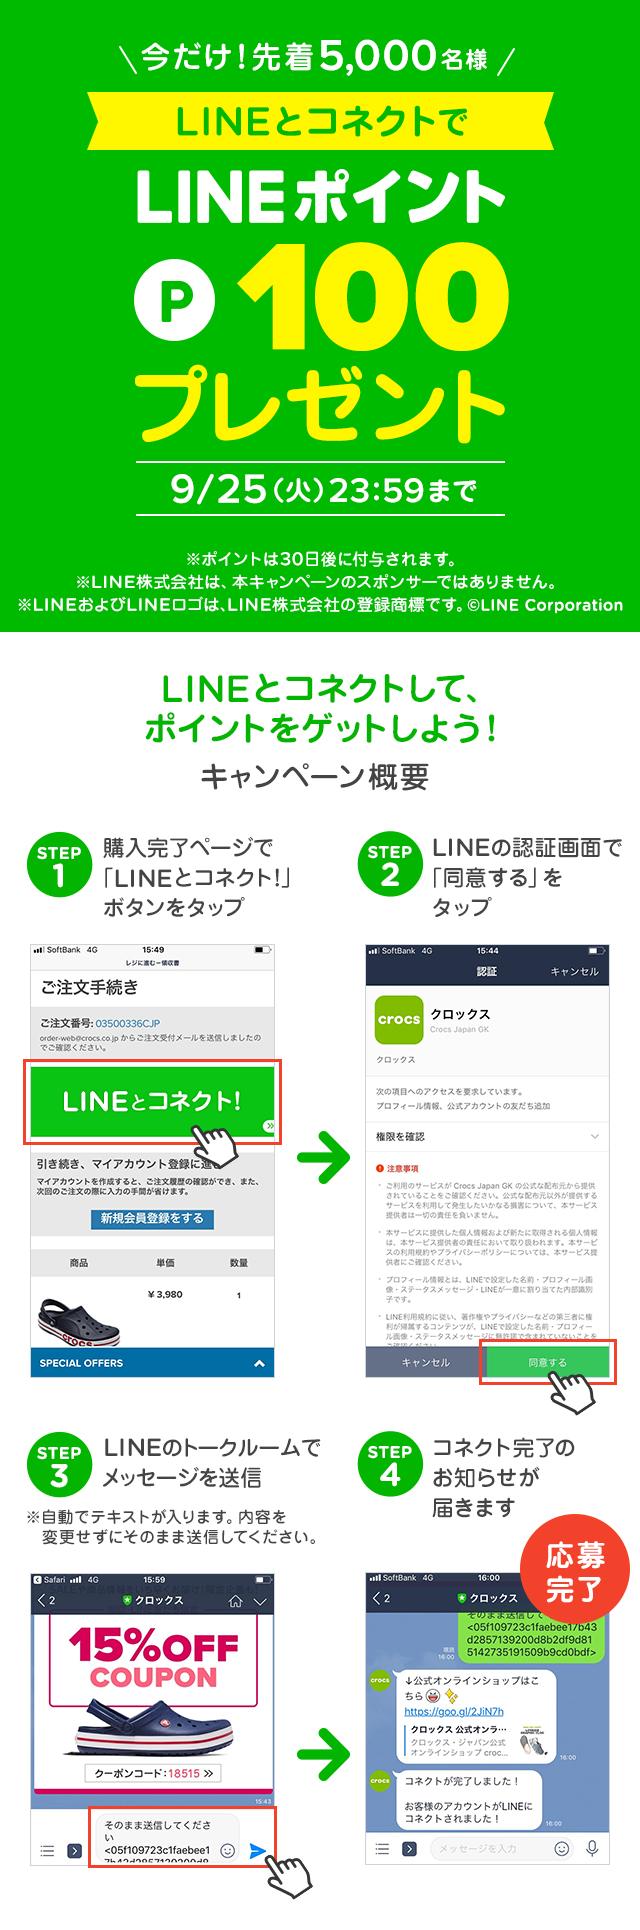 クロックス【LINEポイントプレゼント!】SILVER WEEK SALE!9/25(火)13:59まで!